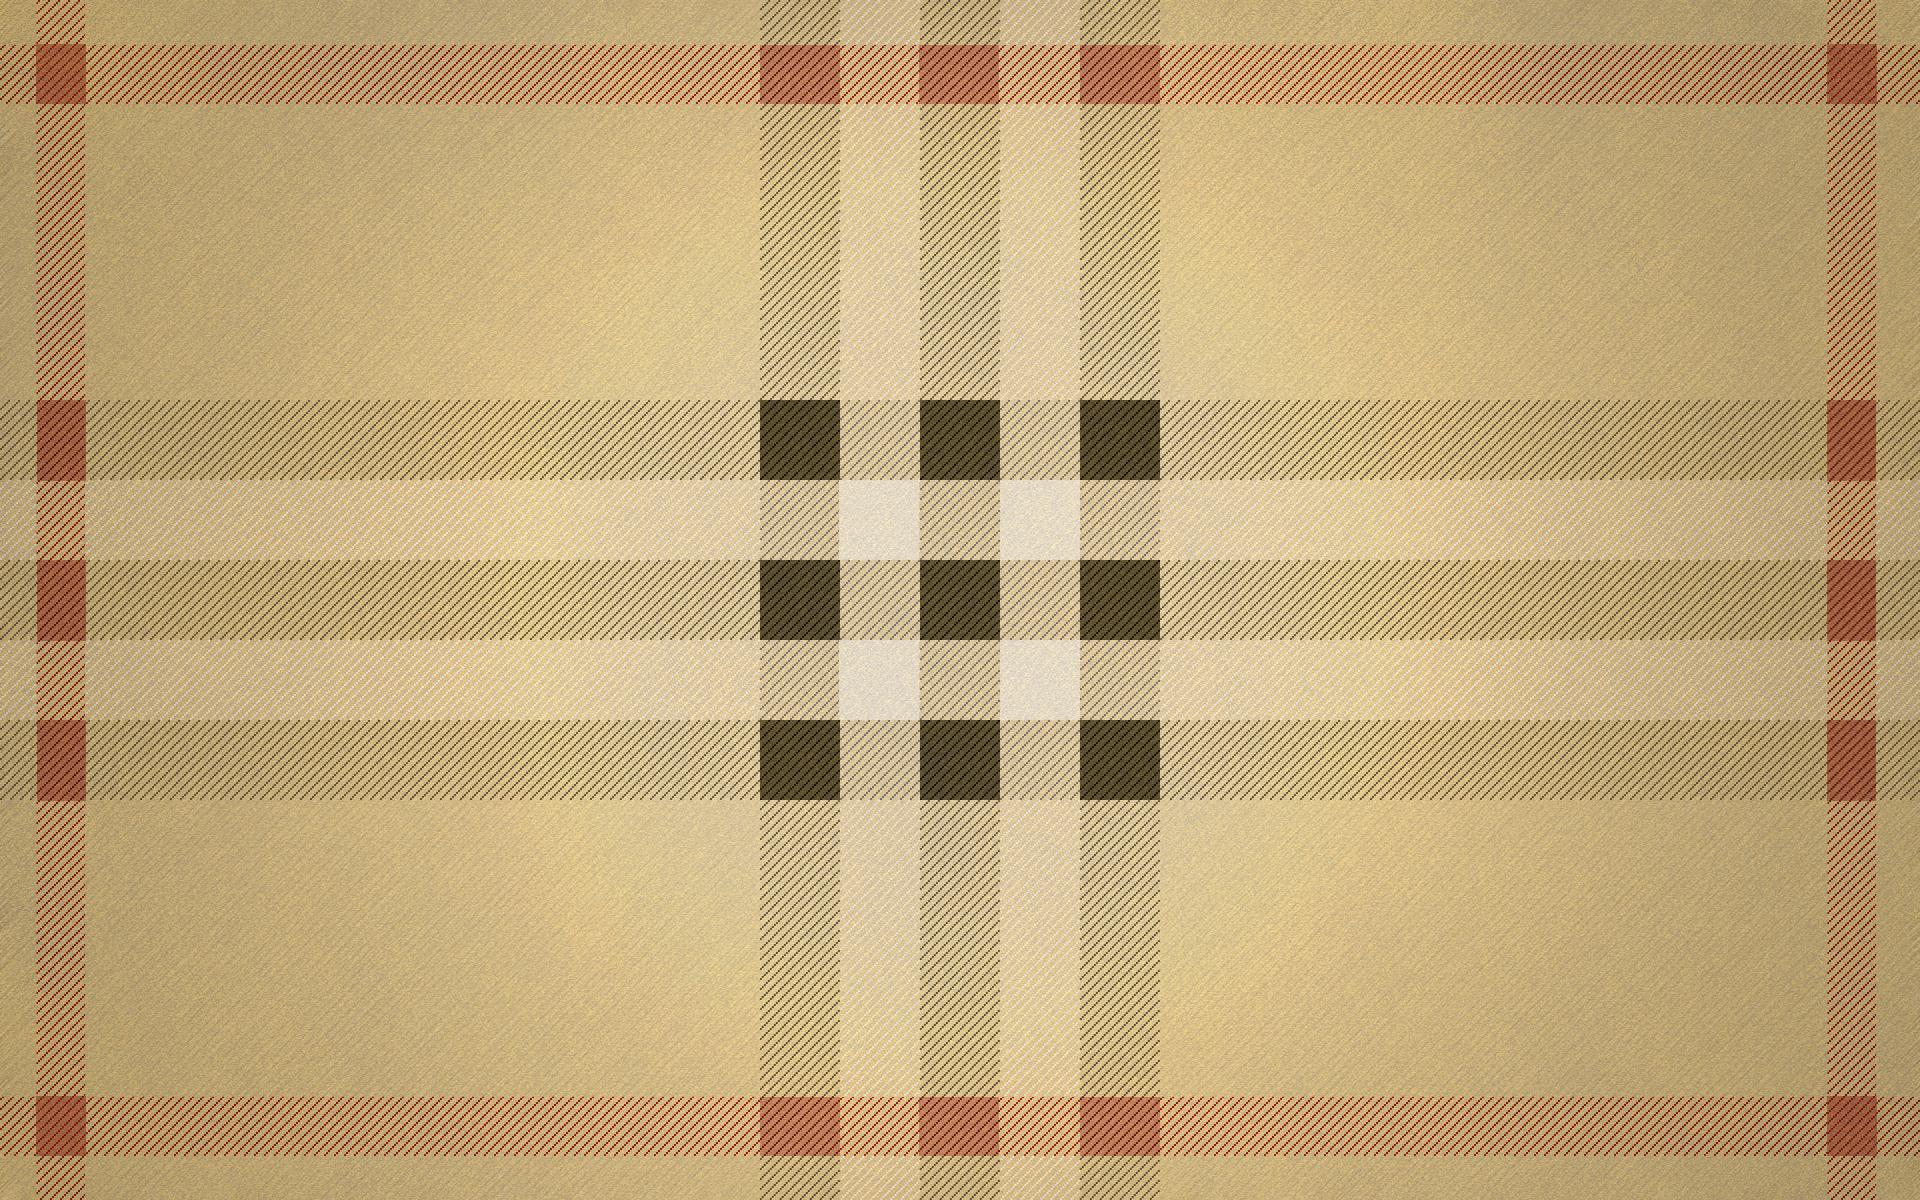 Fall Textured Wallpaper Burberry Wallpaper Hd Pixelstalk Net